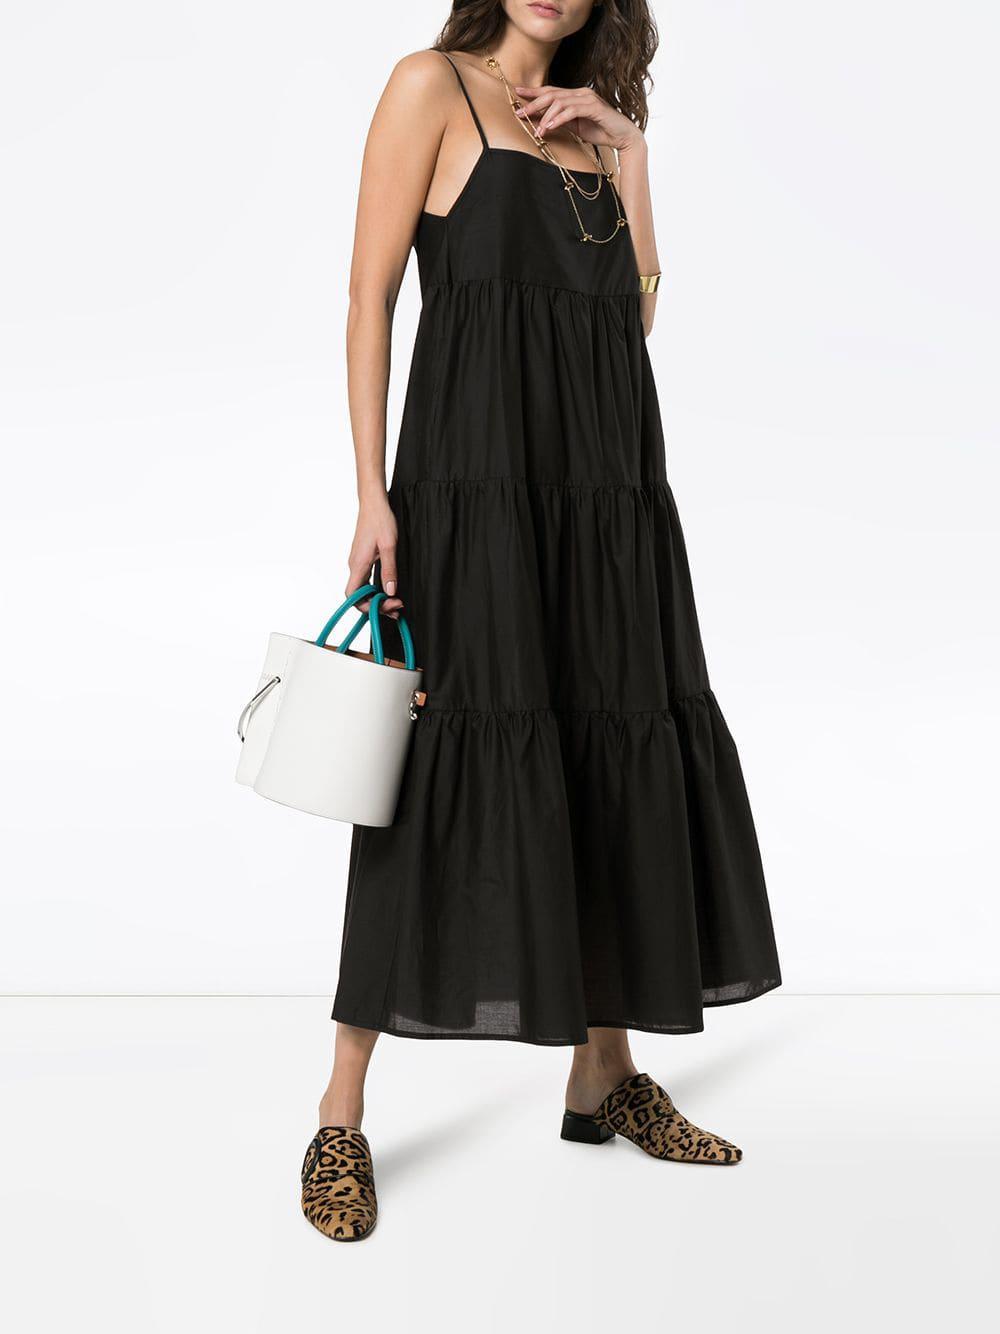 613d1964df0 Matteau - Black The Long Tiered Cotton Sundress - Lyst. View fullscreen